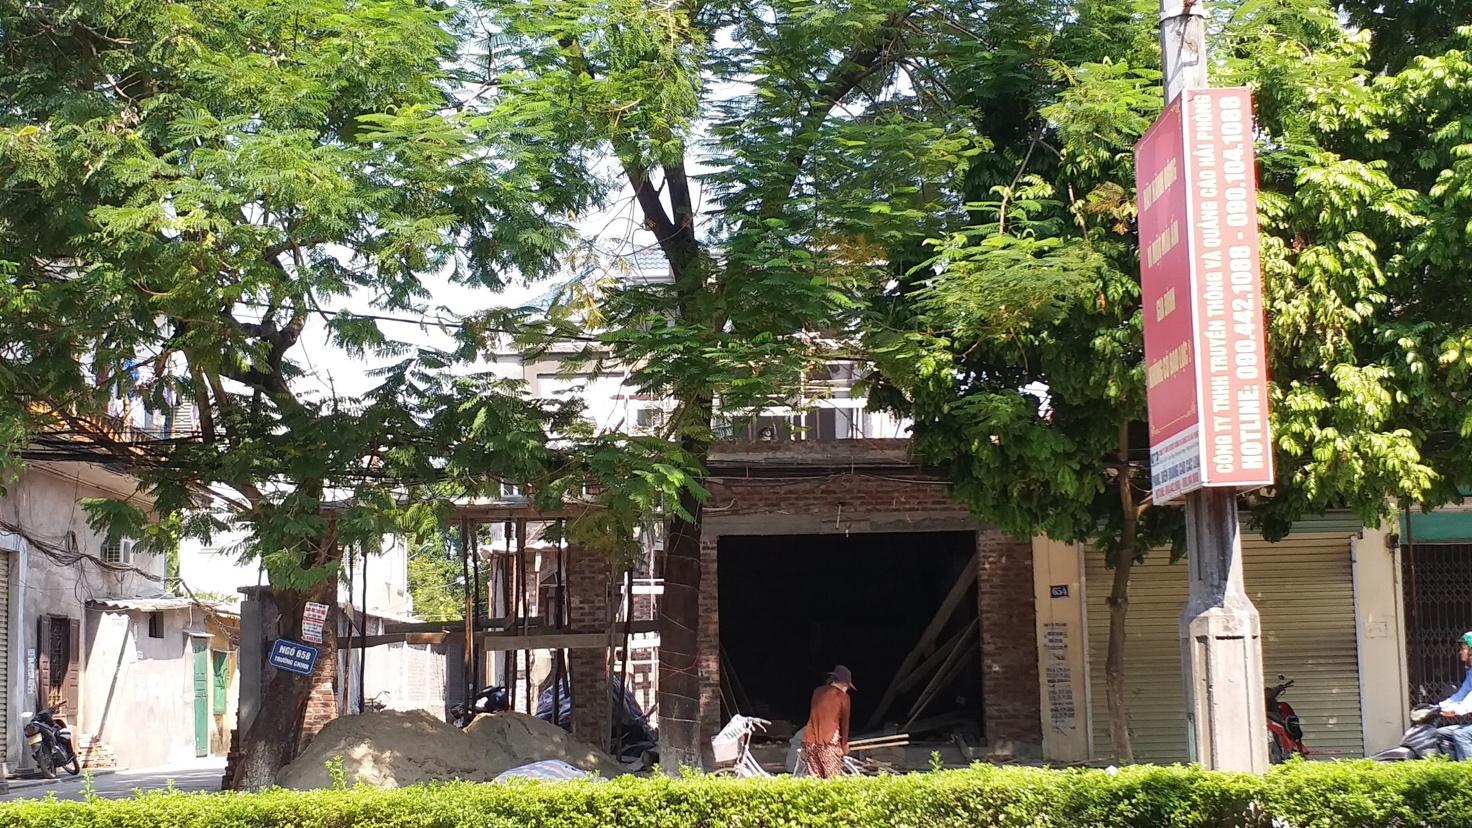 Hải Phòng: Thêm nhiều công trình vi phạm trật tự xây dựng tại phường Quán Trữ